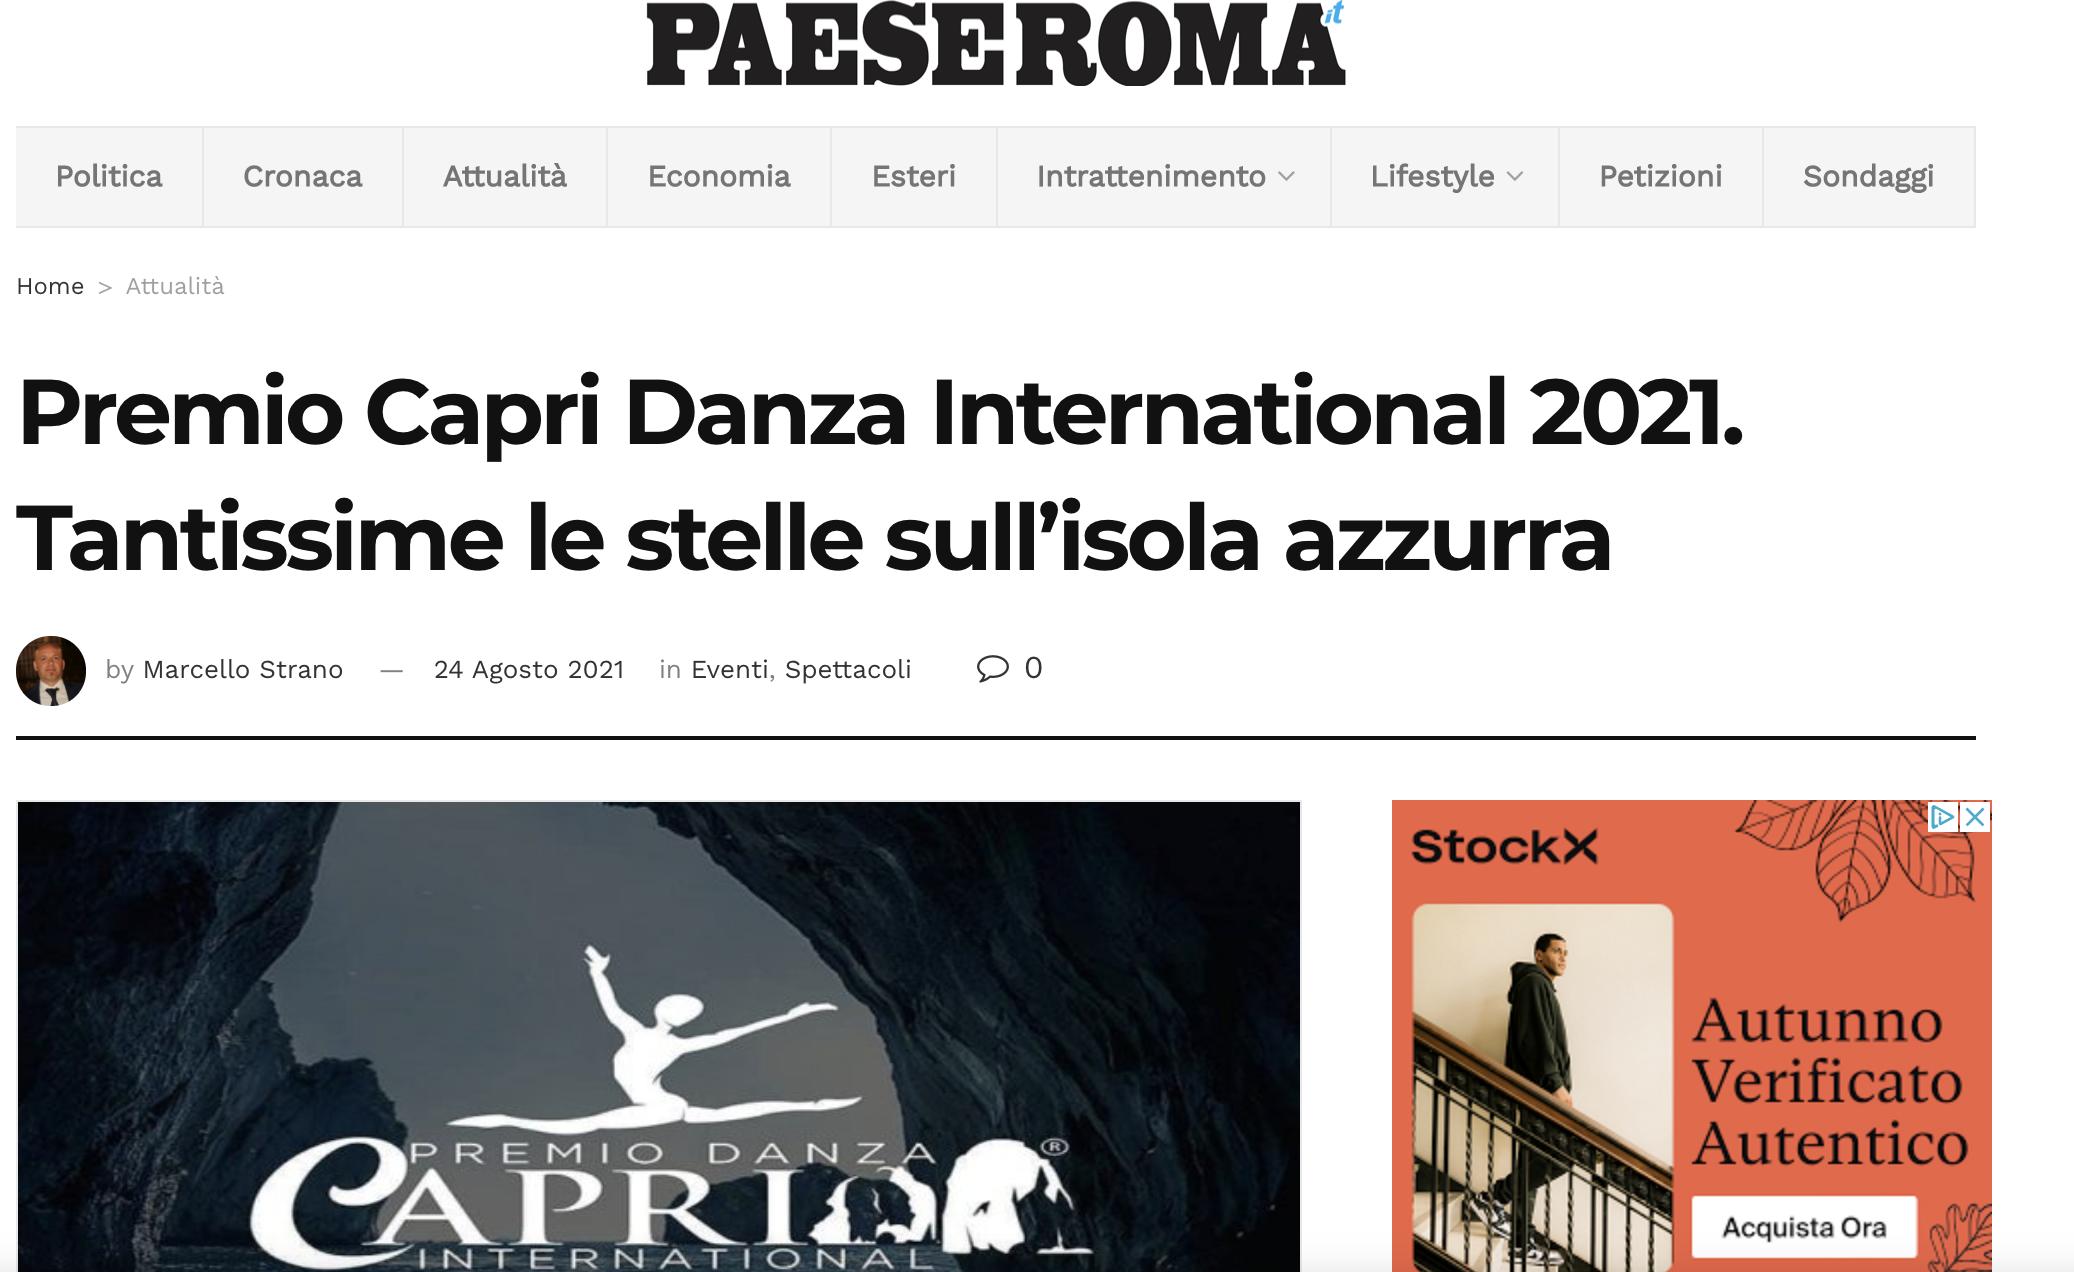 Premio Capri Danza International – Paese Roma